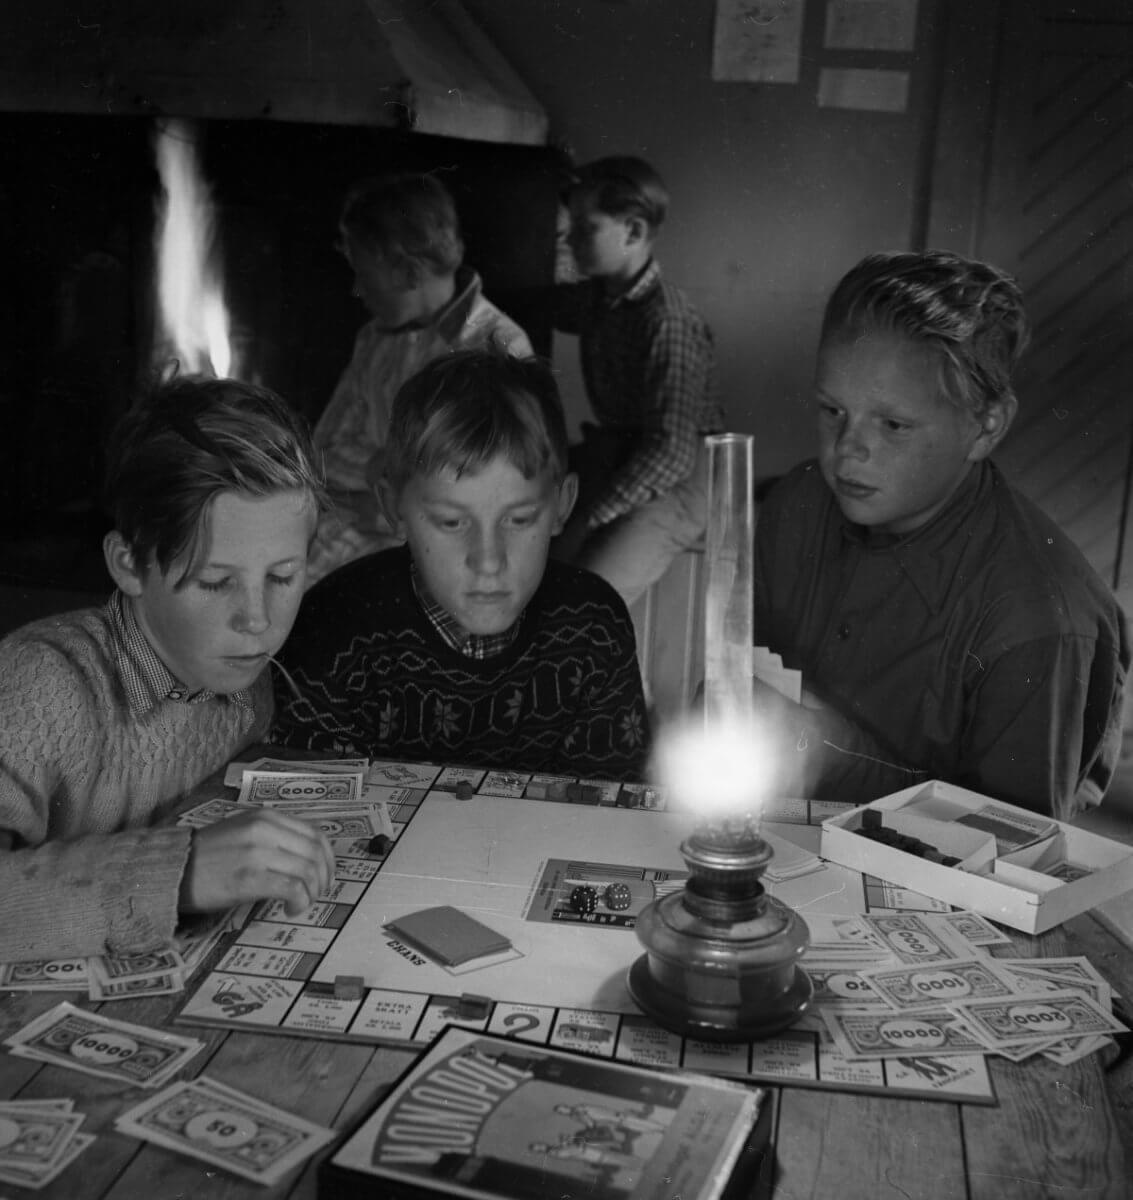 Tre pojkar sitter vid ett bord och spelar Monopol i skenet av en fotogenlampa. I bakgrunden syns en öppen spis vid vilken två pojkar står, Norrvåga 1953.